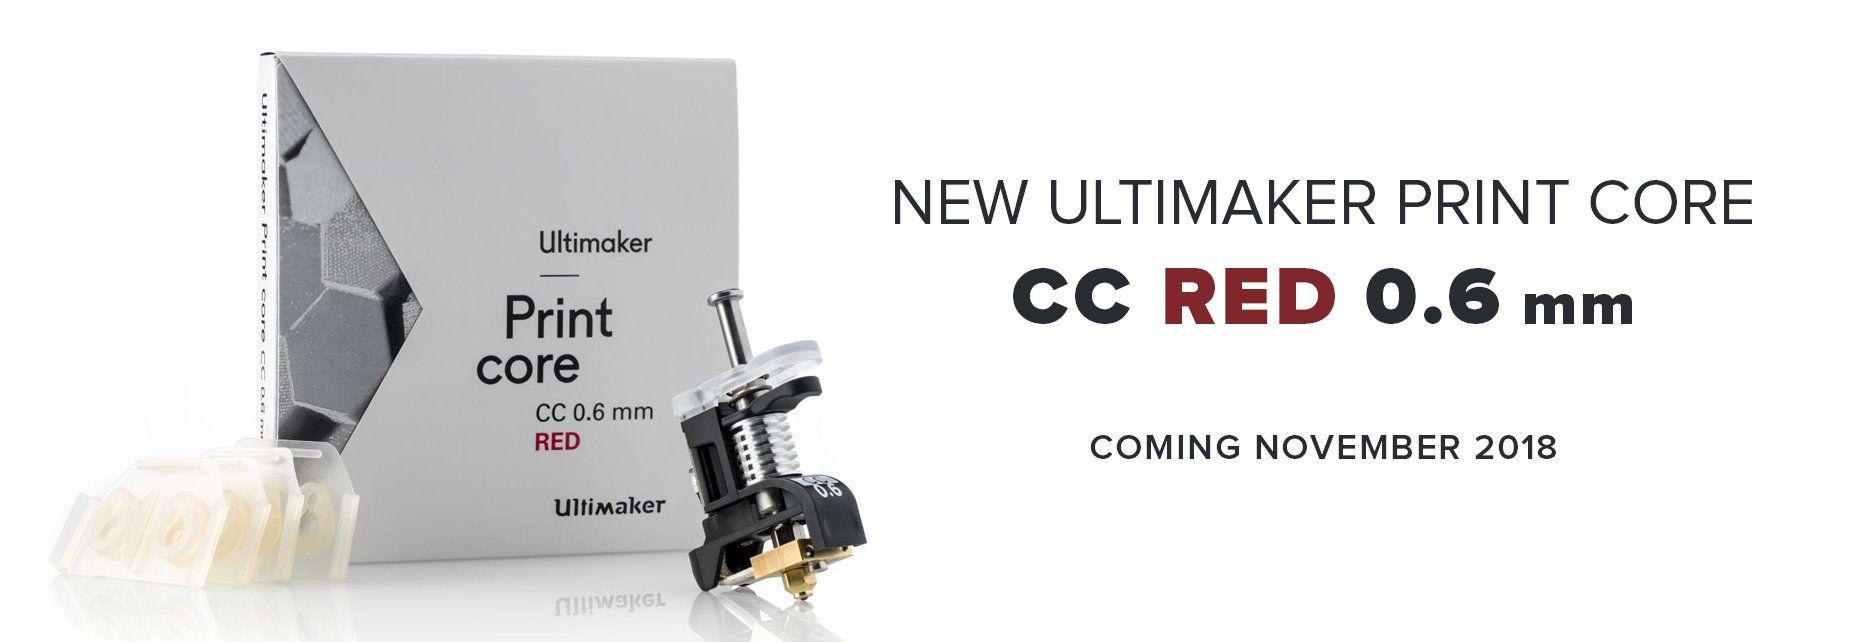 Ultimaker deschide noi posibilitati pentru printarea industriala!